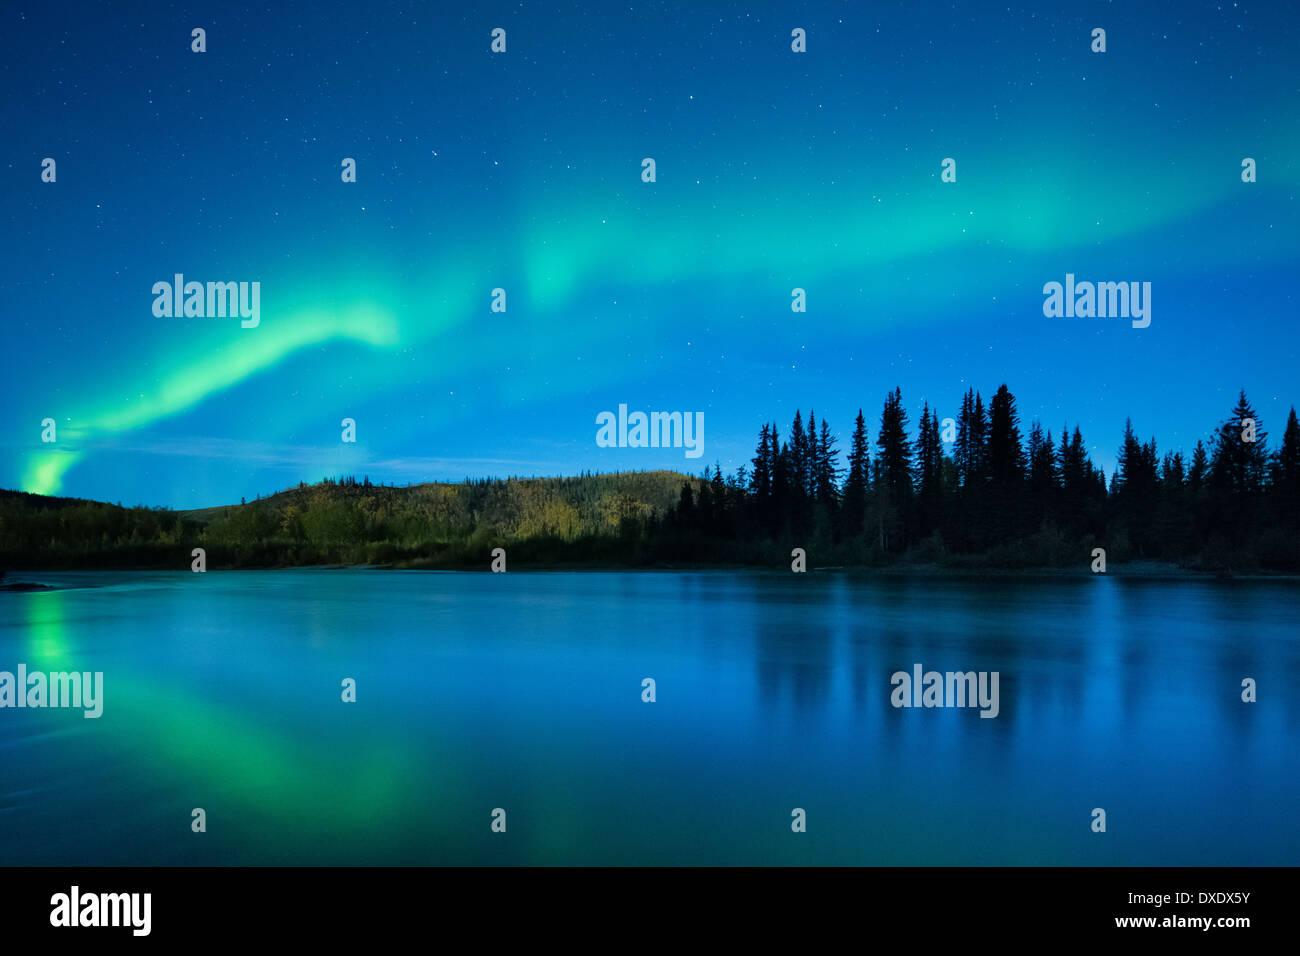 L'Aurora Boreale (Northern Lights) oltre il Fiume Klondike, Yukon Territori, Canada Foto Stock